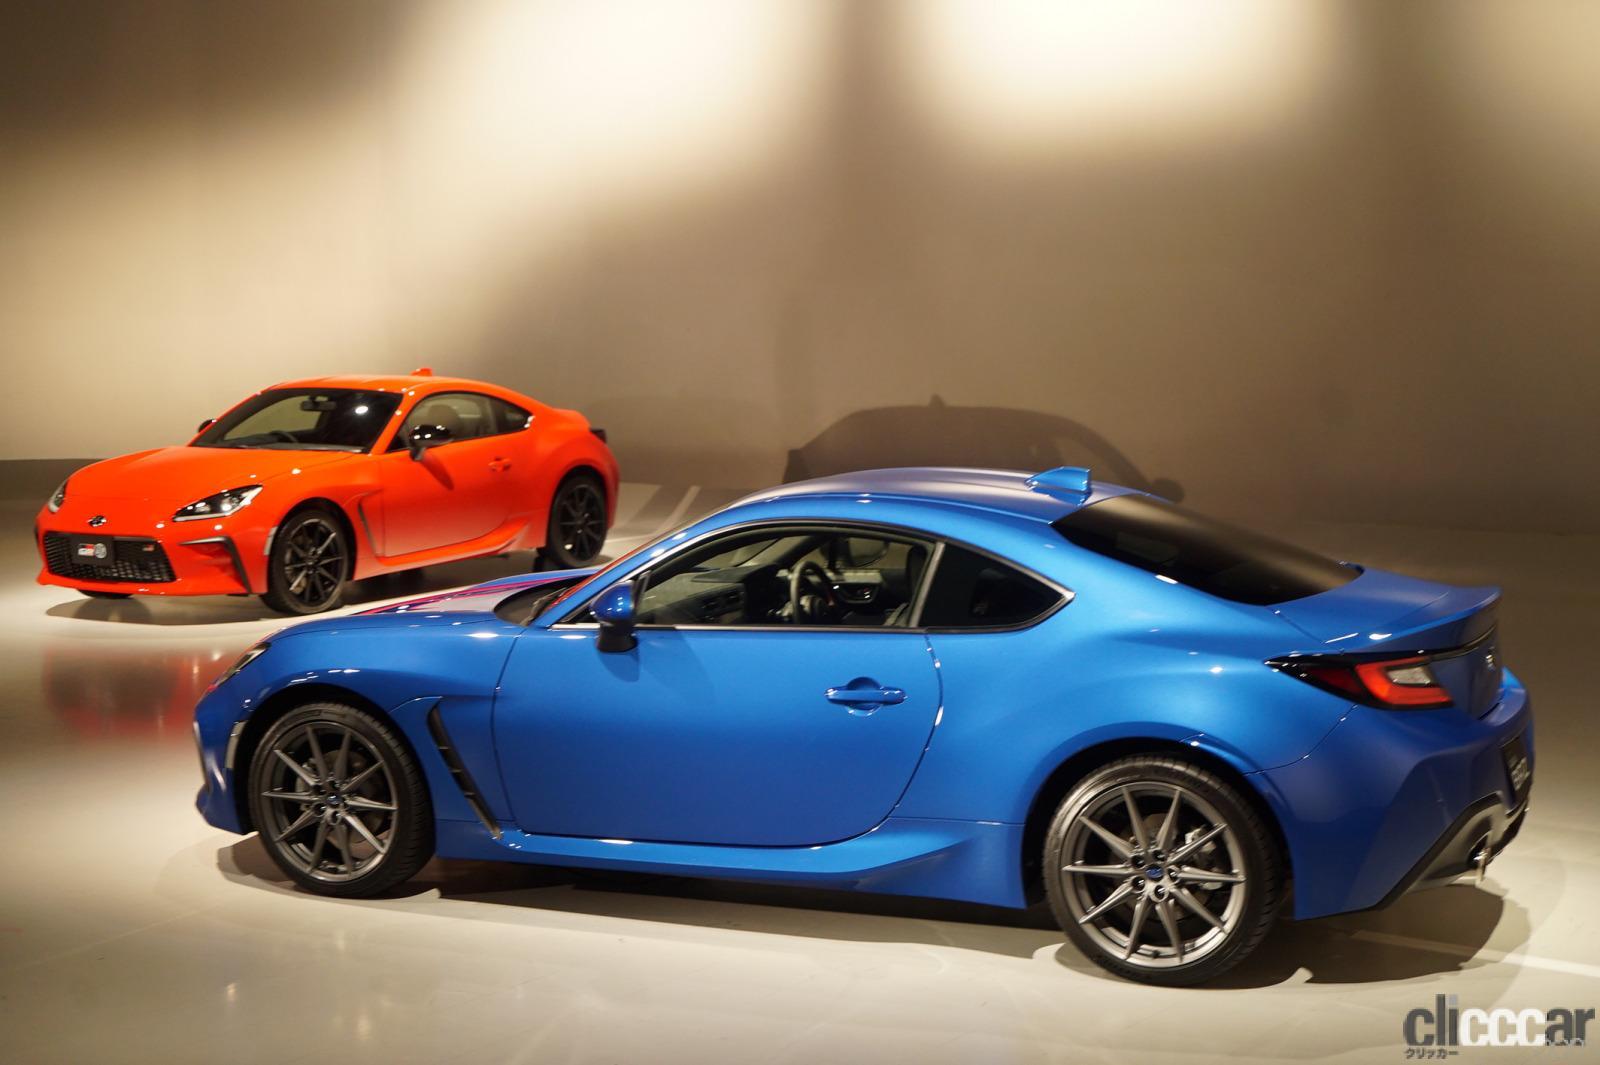 「クルマも性格は顔に出る? 新型GR 86と新型スバルBRZのキャラの違いは空力パーツの「模様」でわかる」の3枚目の画像